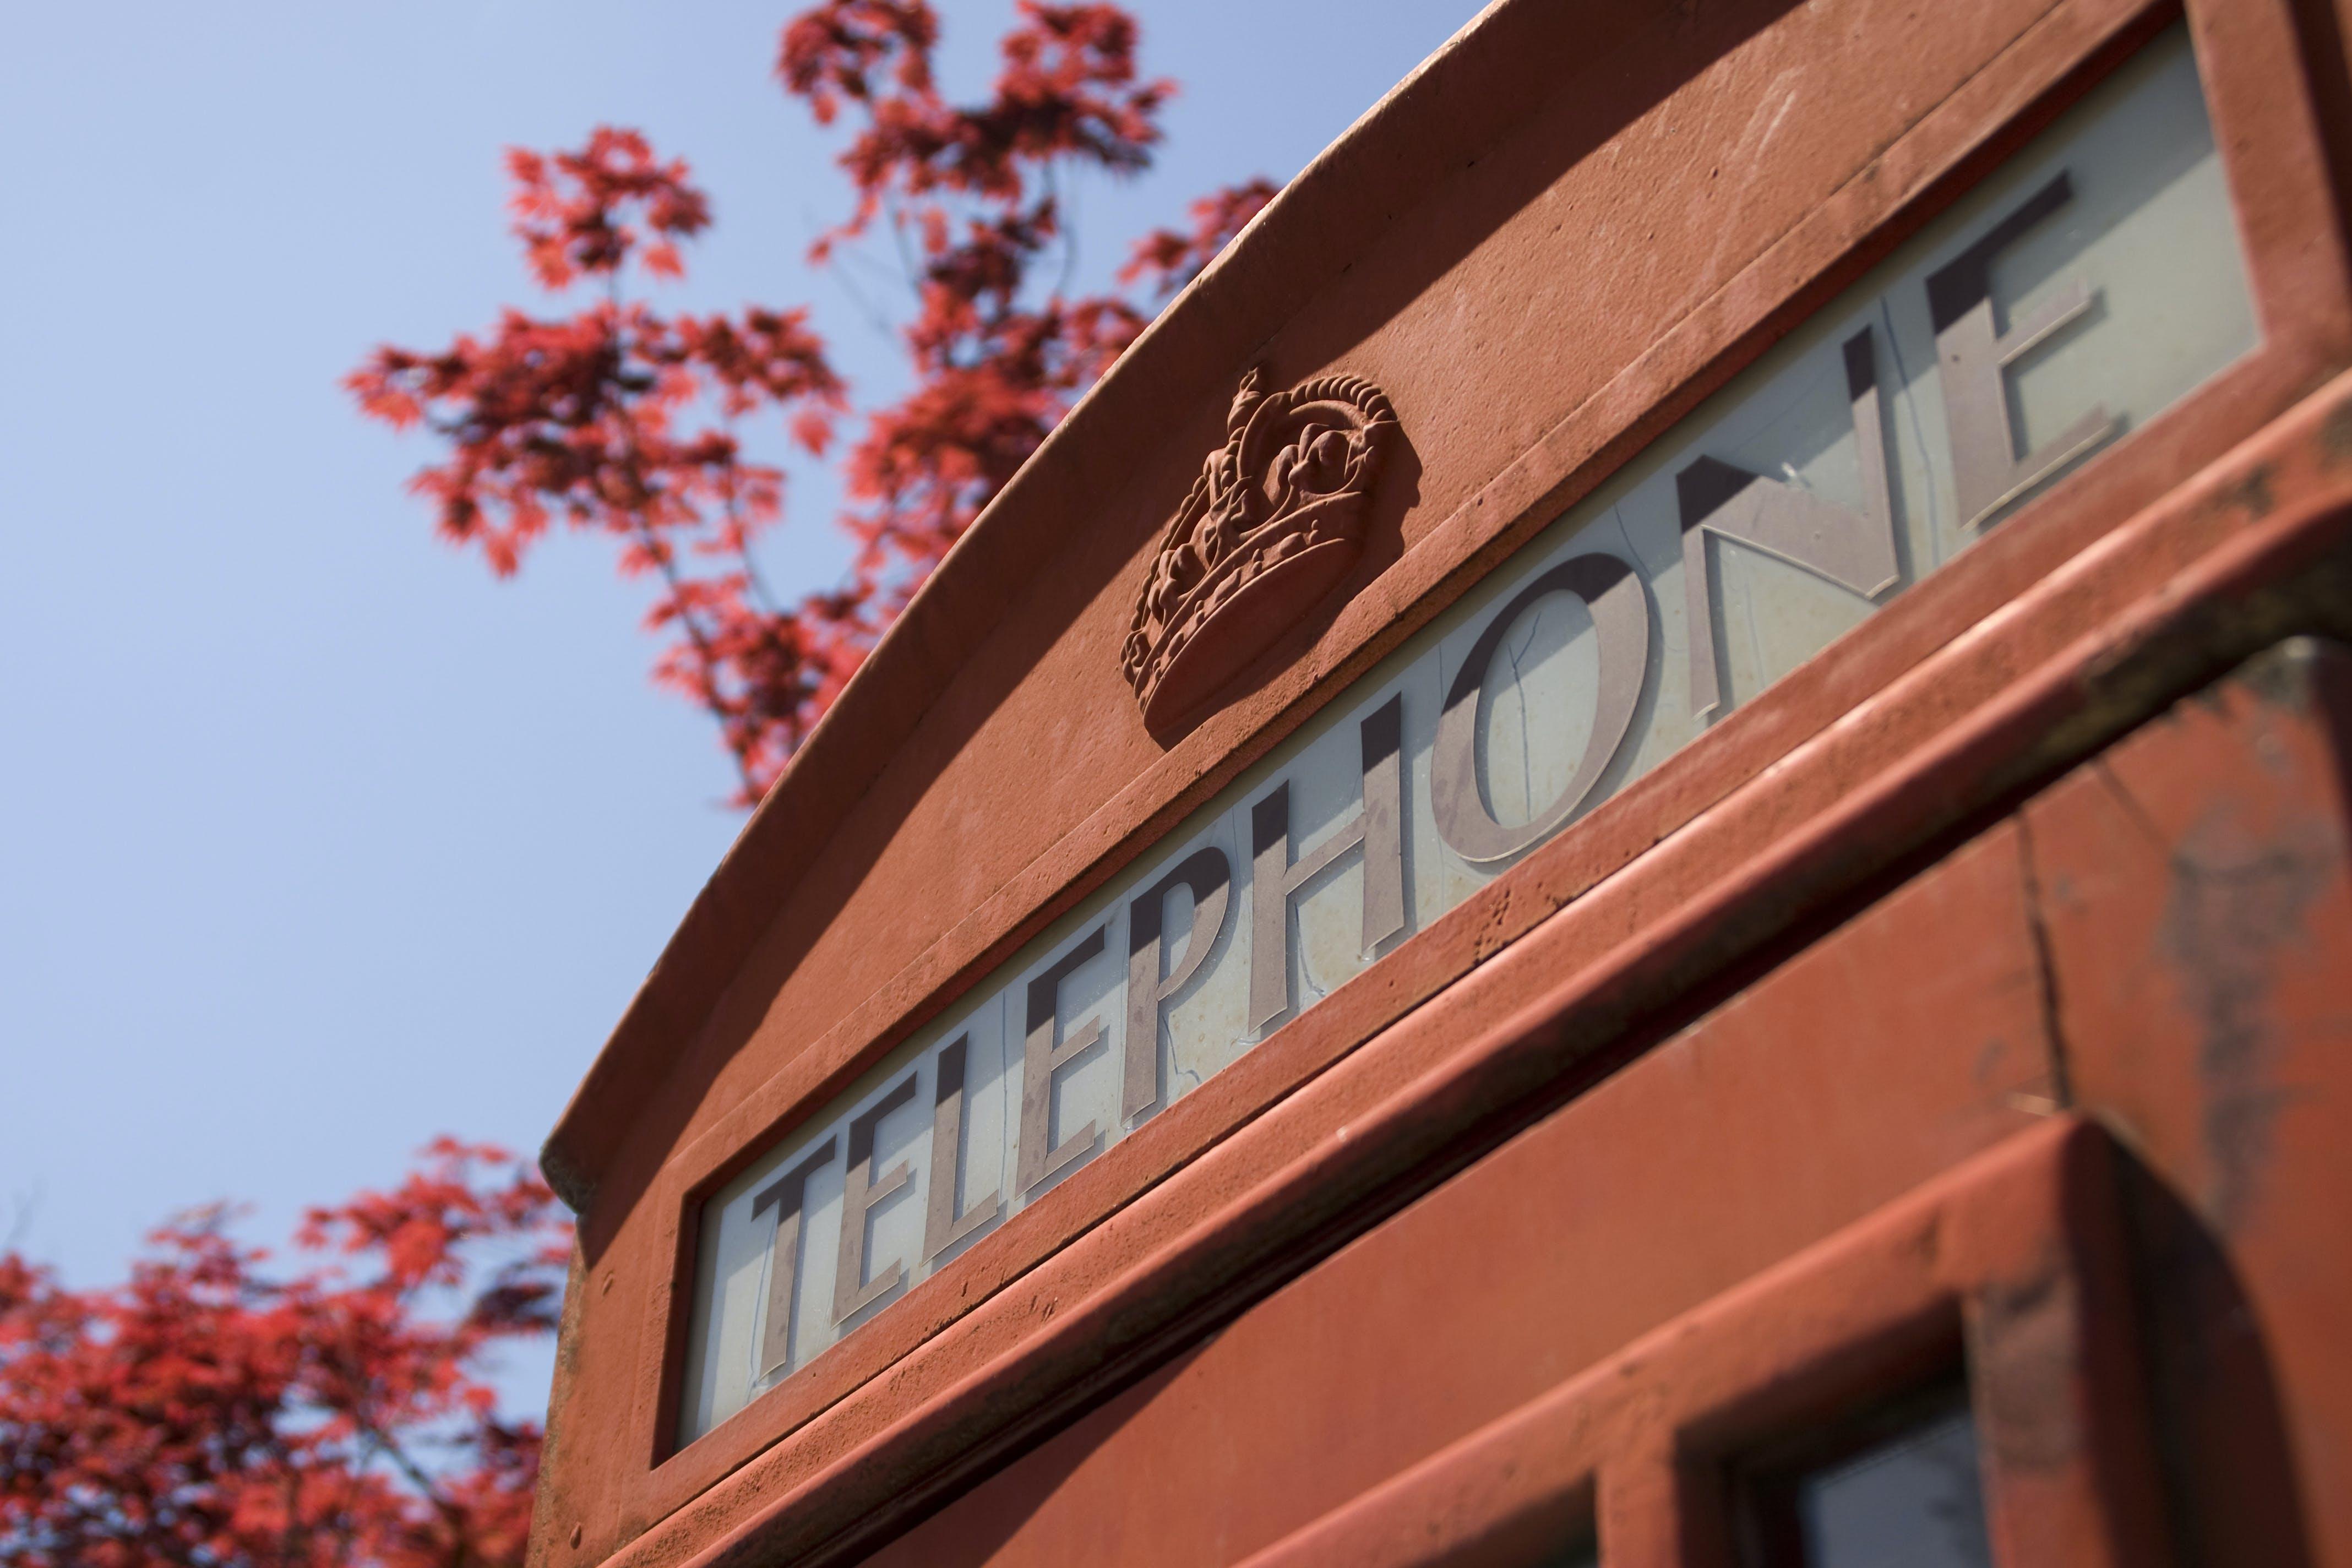 Kostnadsfri bild av anropslåda, england, london, röd